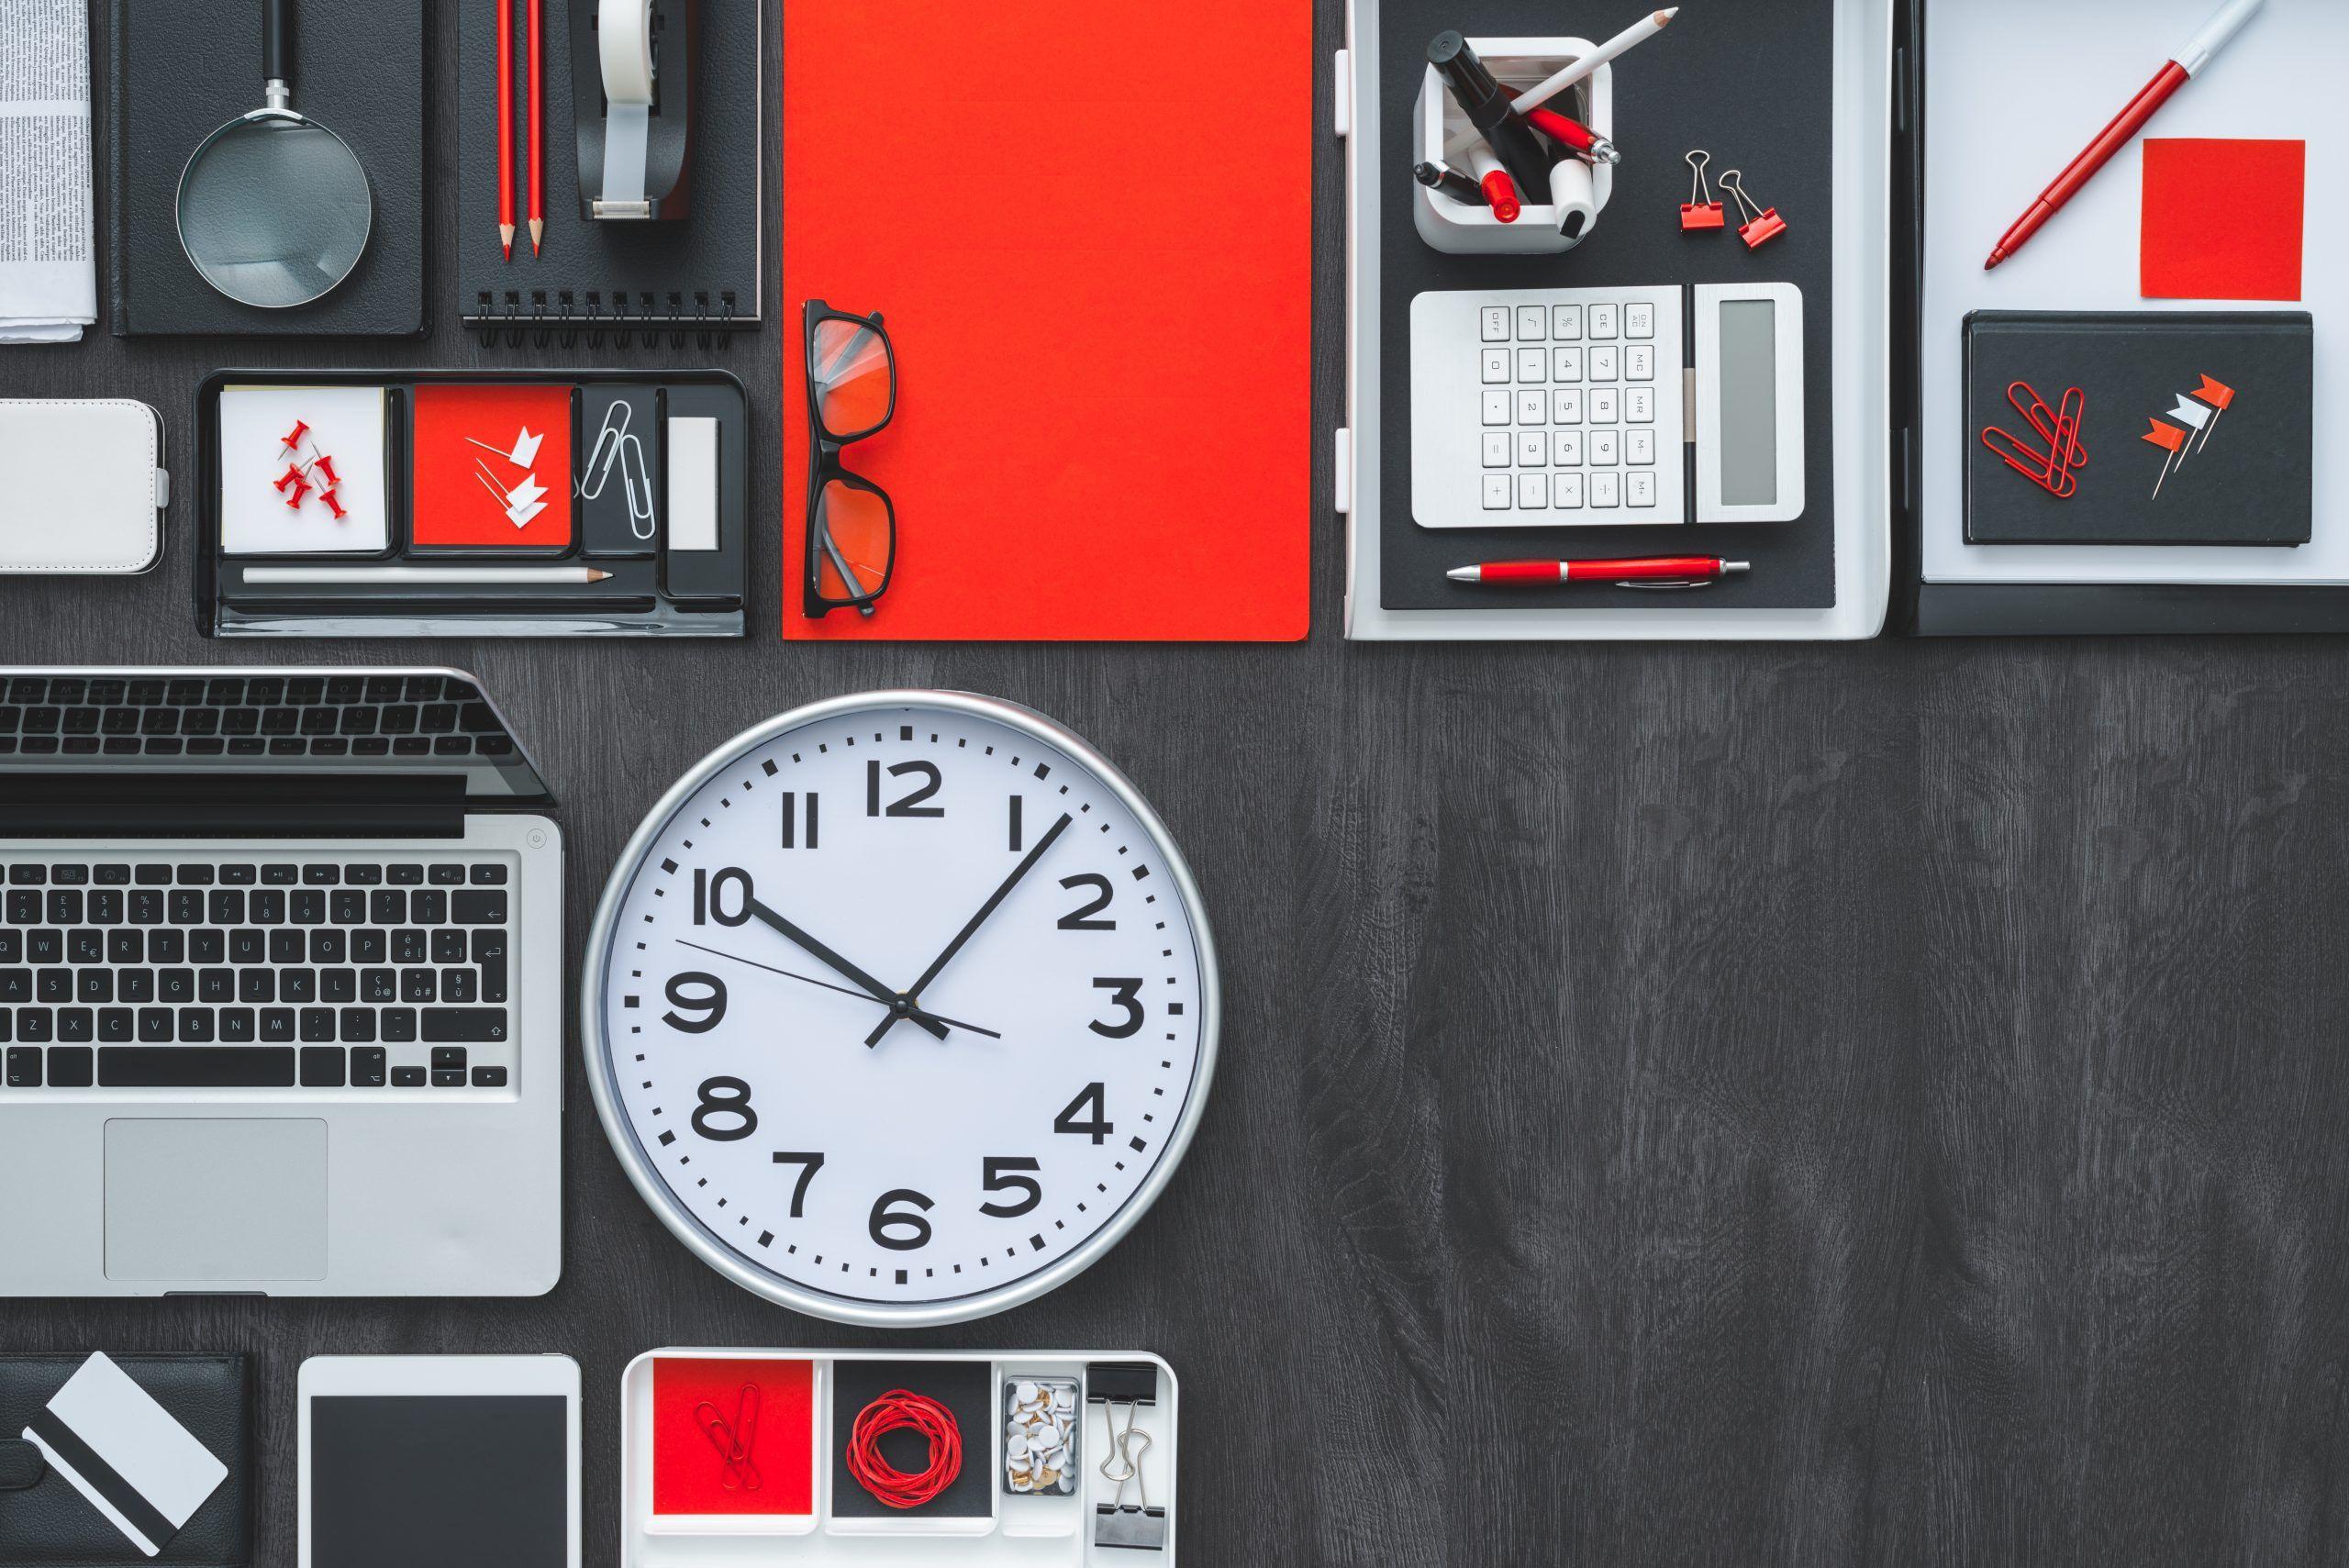 Probé los 5 trucos de productividad mejor calificados: esto es lo que sucedió